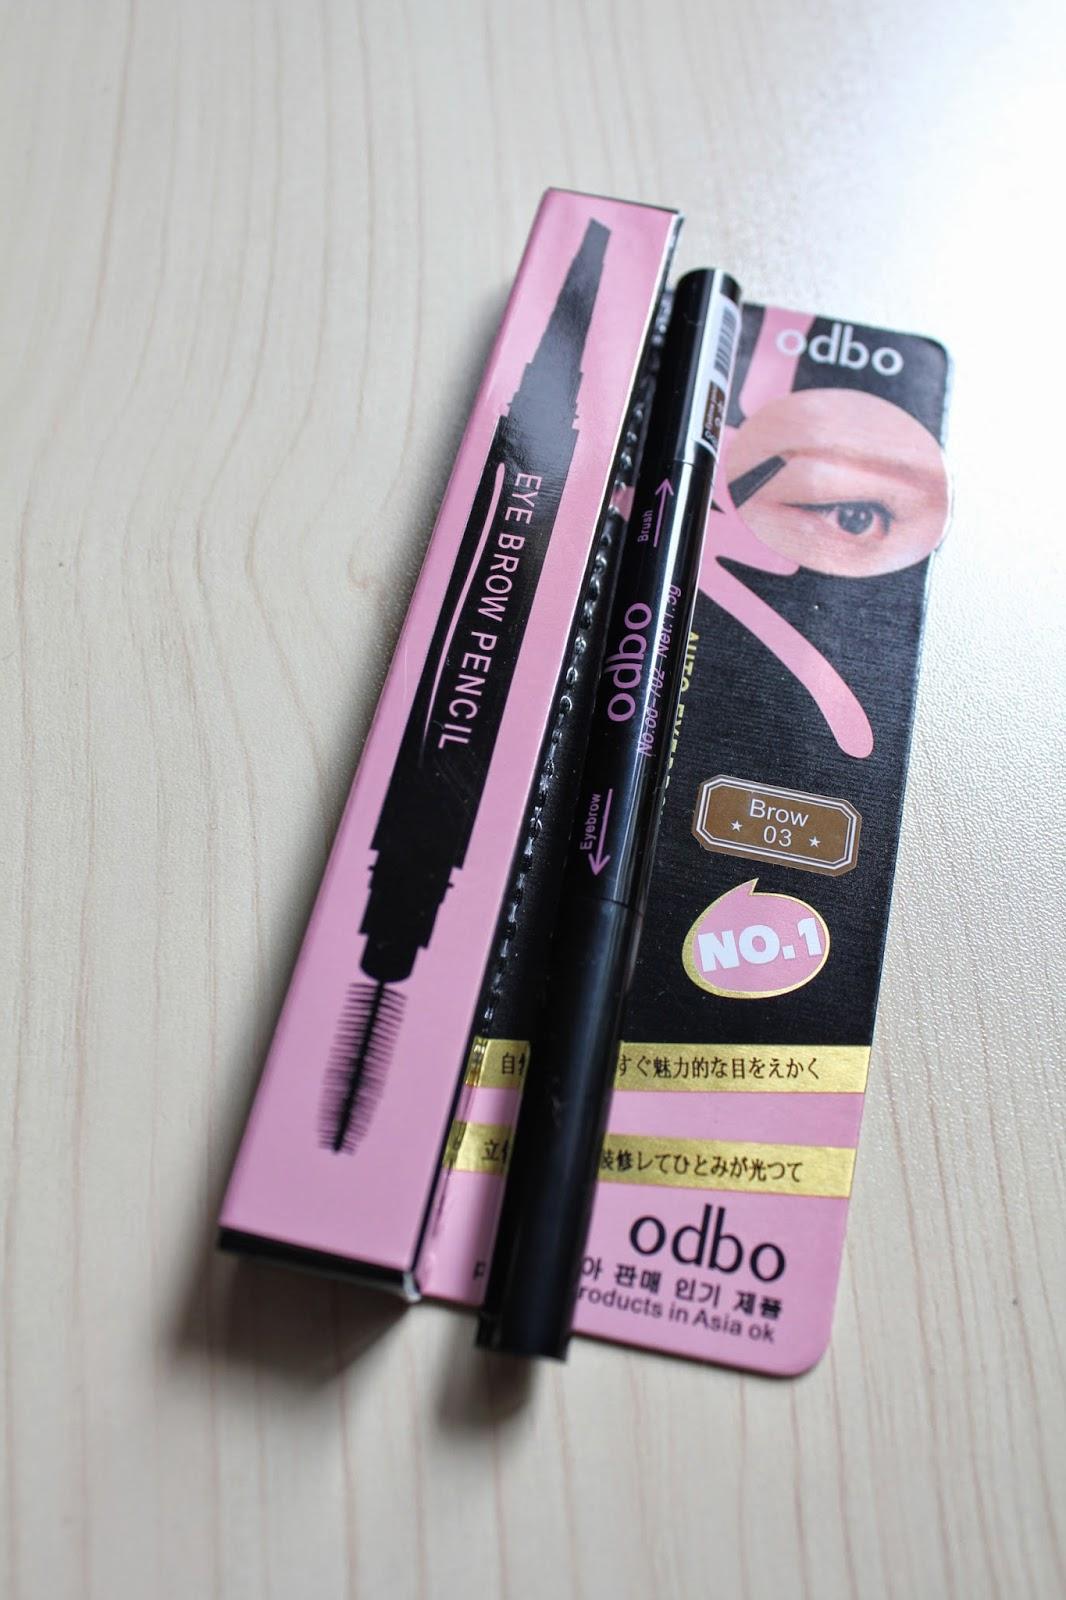 ดินสอเขียนคิ้ว Odbo